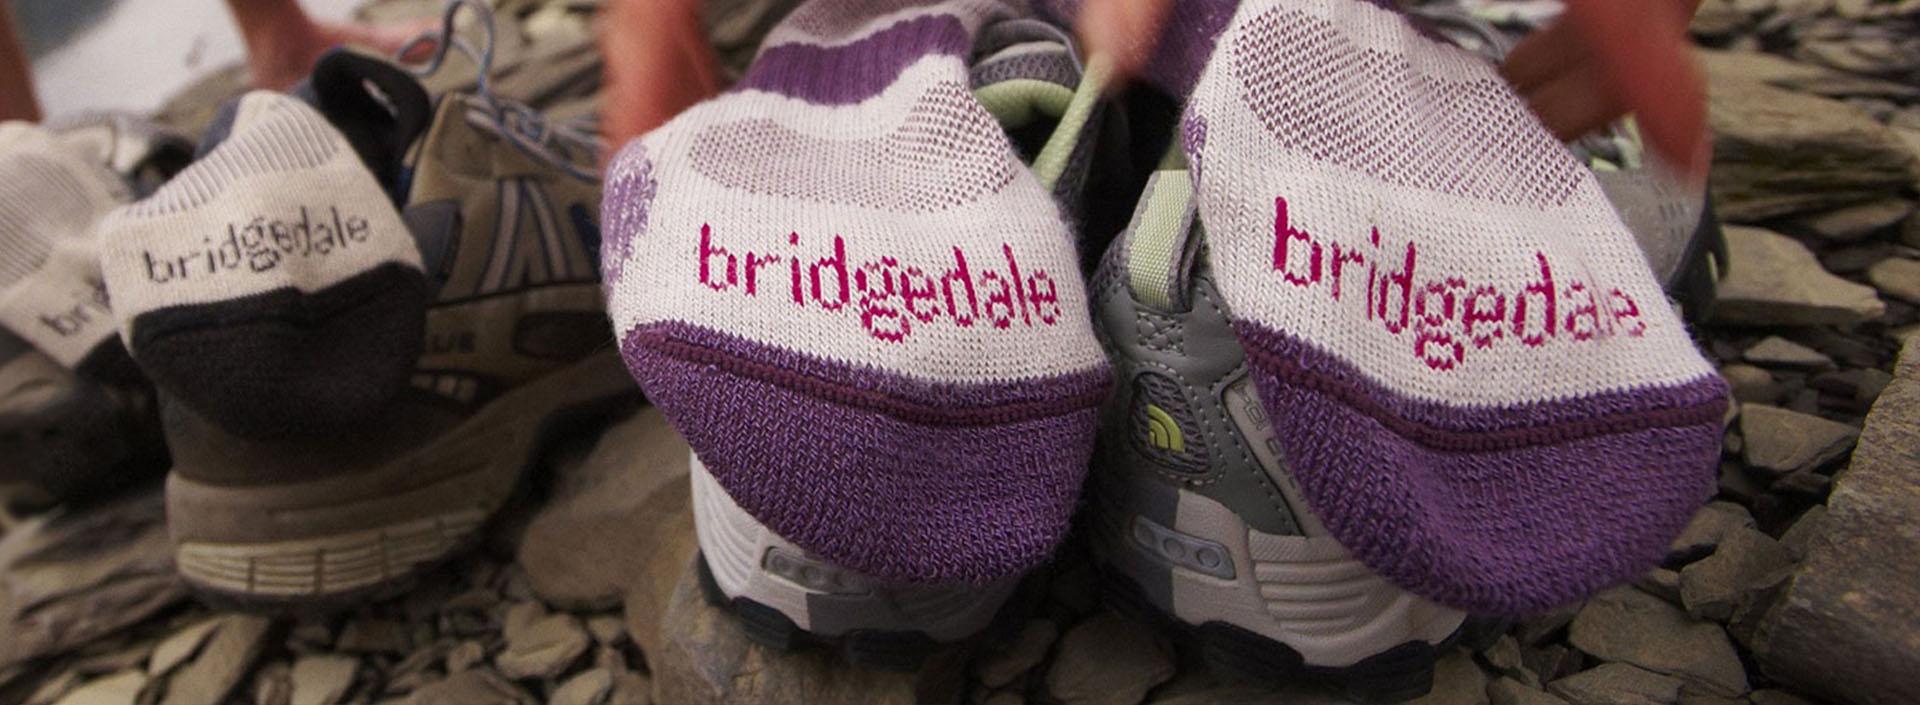 skarpety bridgedale